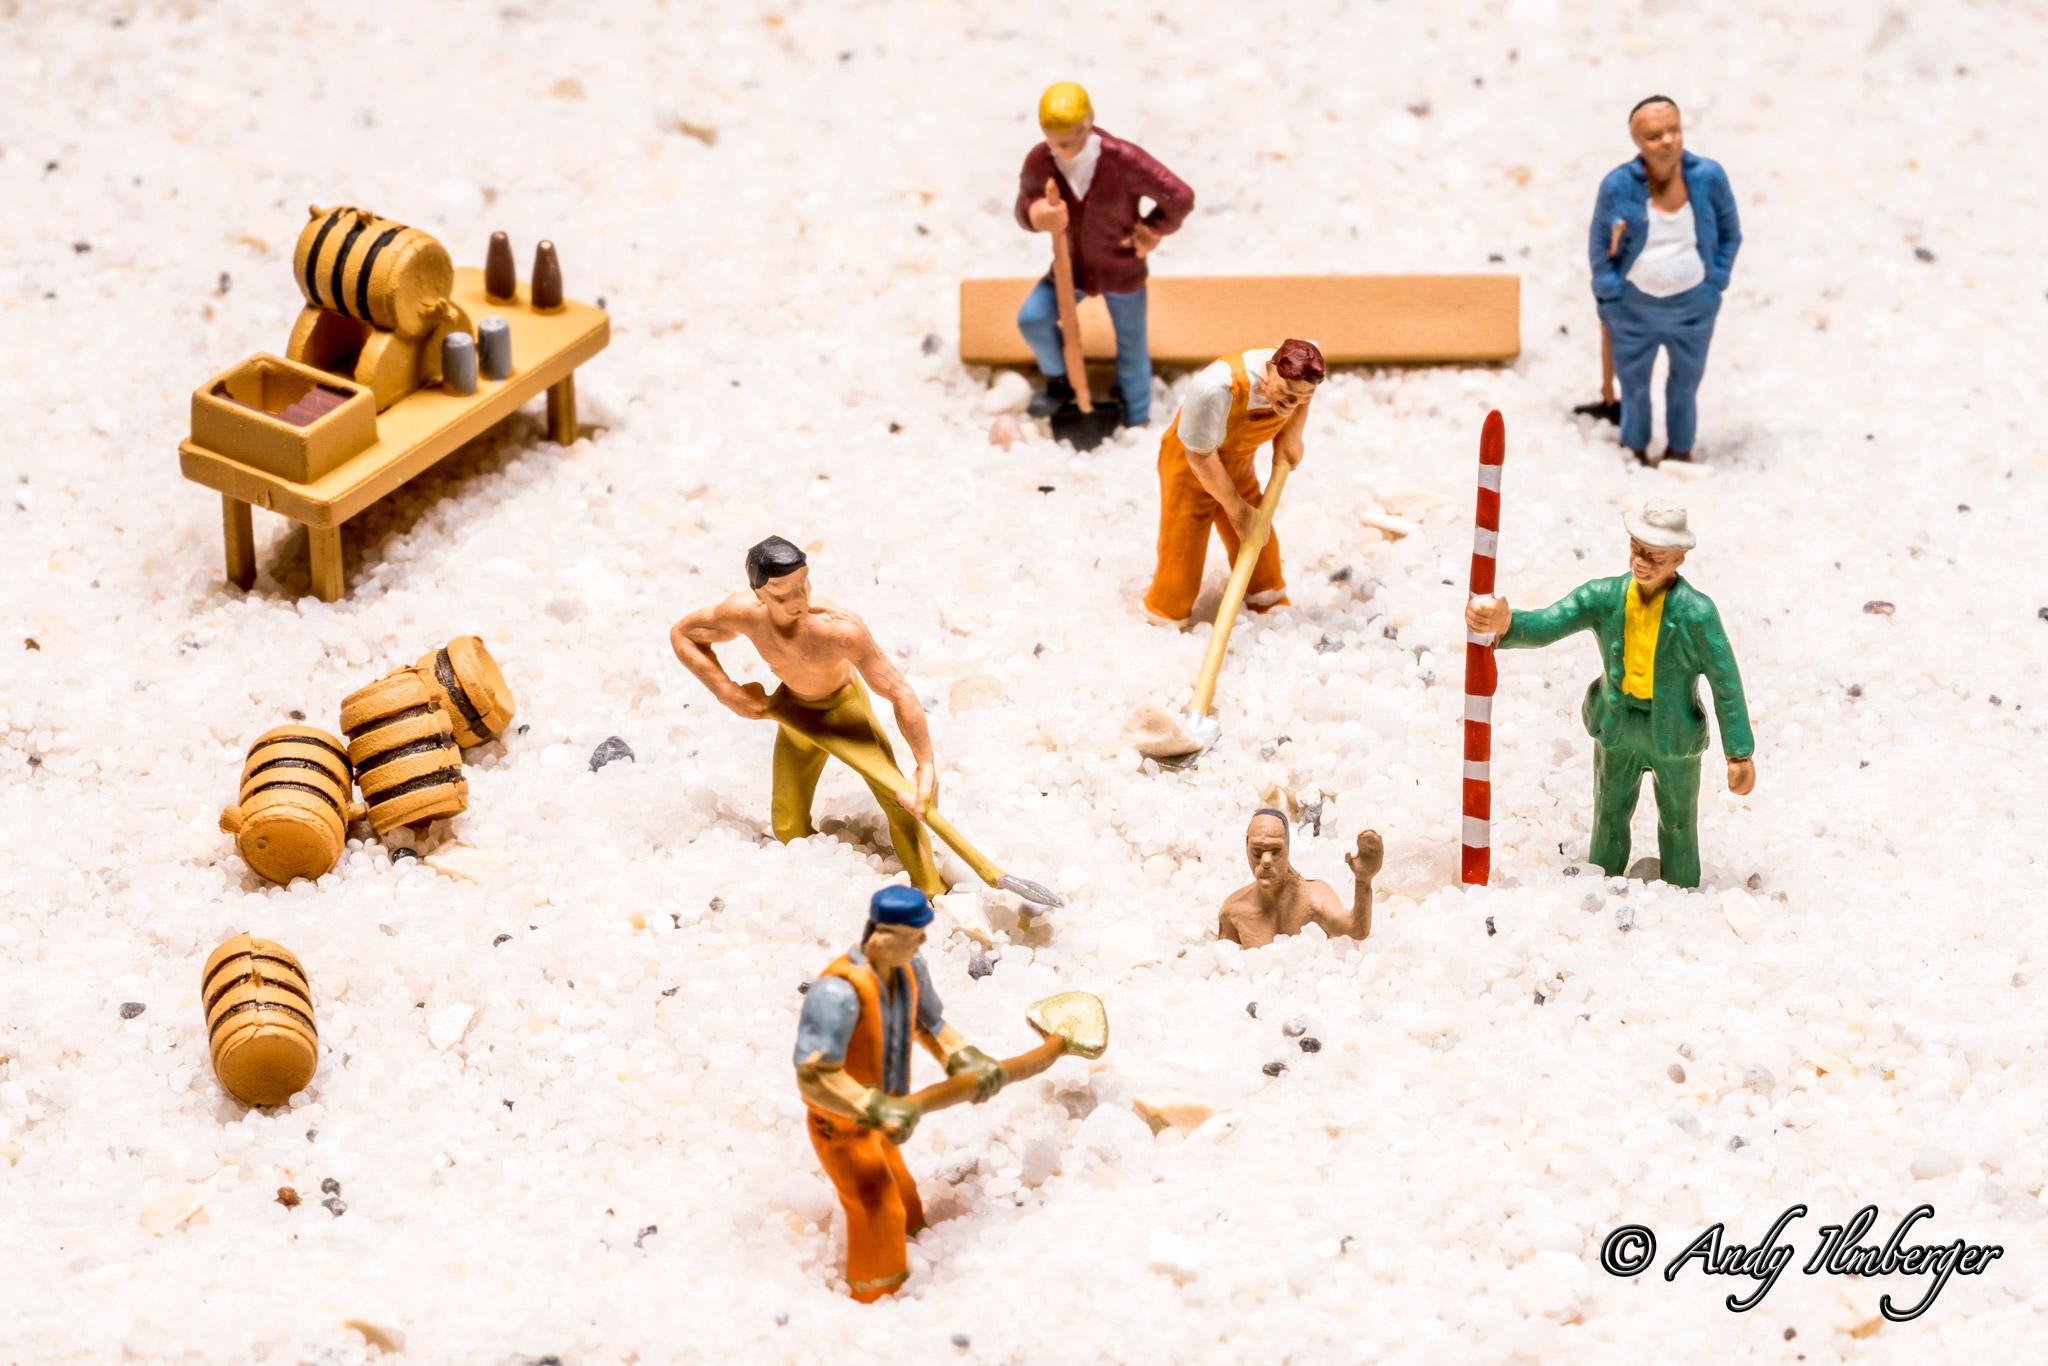 Rettungsaktion aus dem Treibsand - H0-Figuren in Szene gesetzt von © Andy Ilmberger im Kleine-Helden.Club